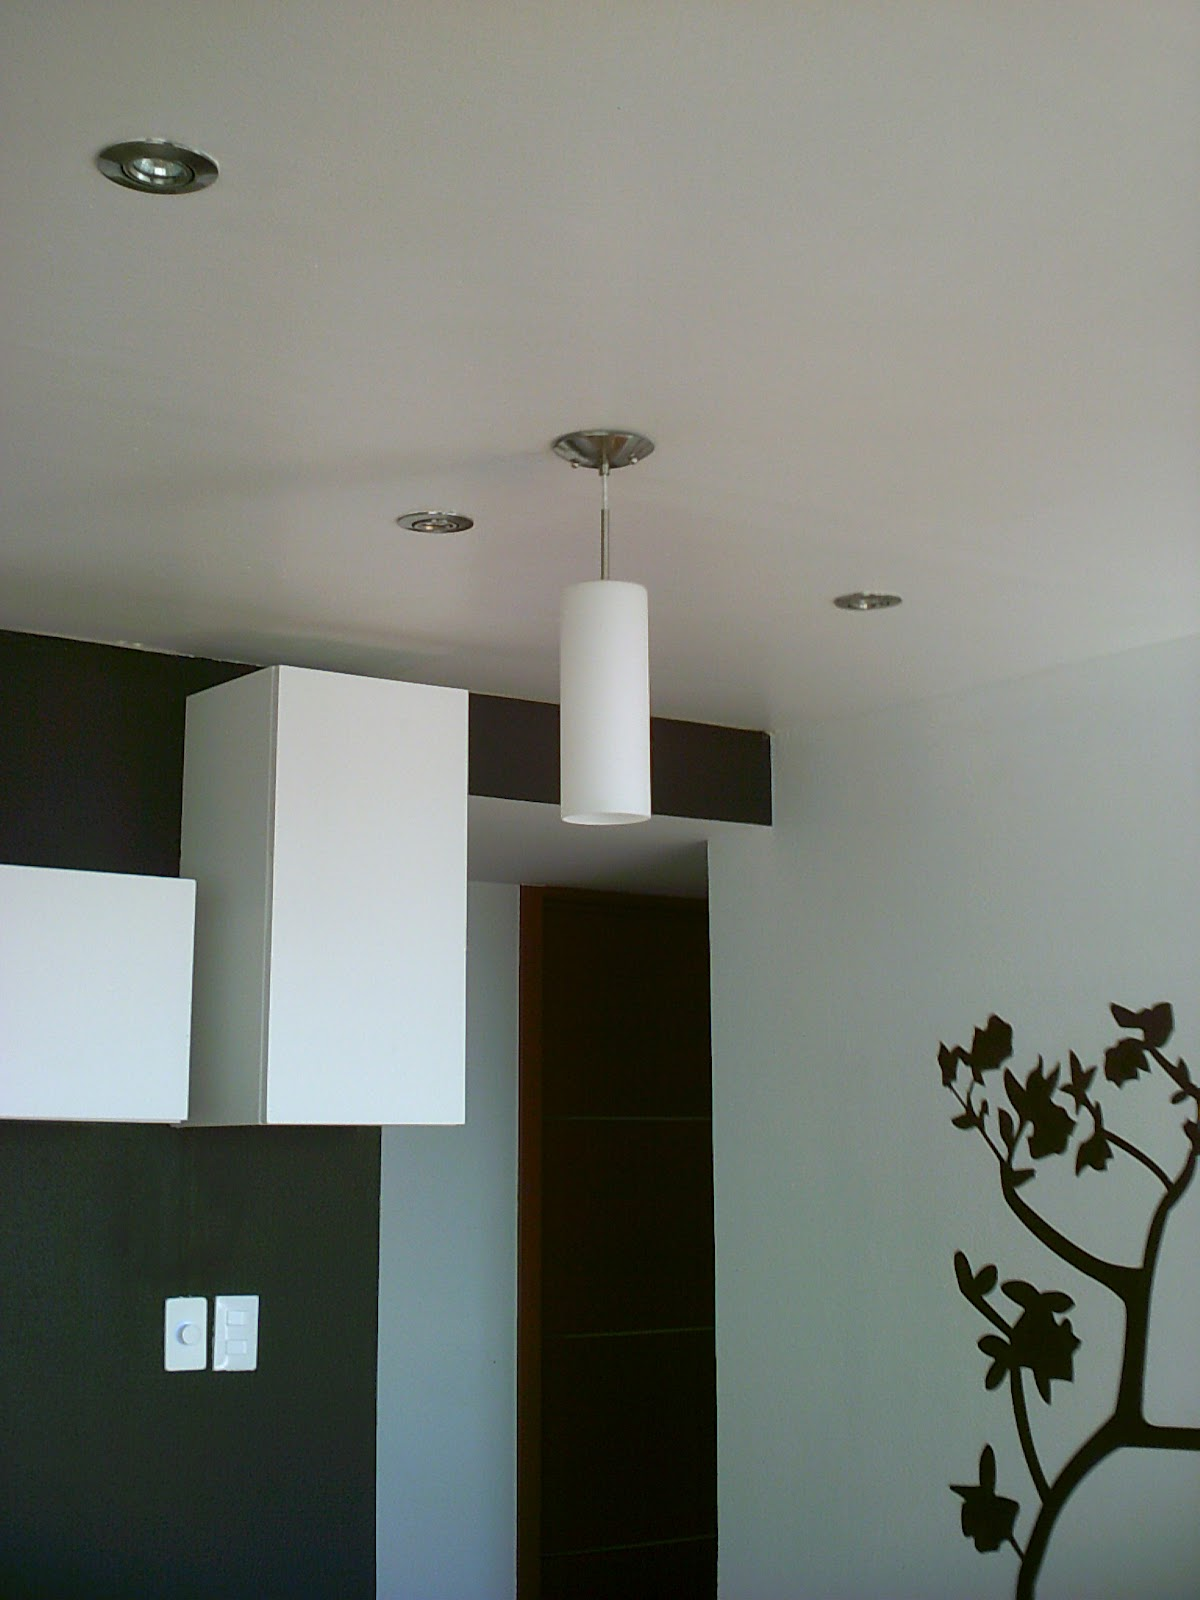 Remodelaci n interior de departamento plafones de for Plafones de pared exterior